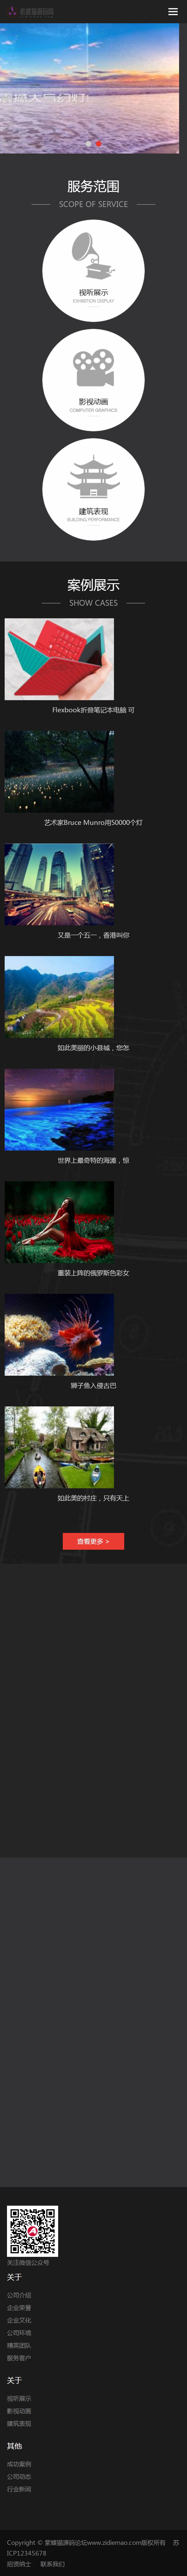 广告传媒网站模板